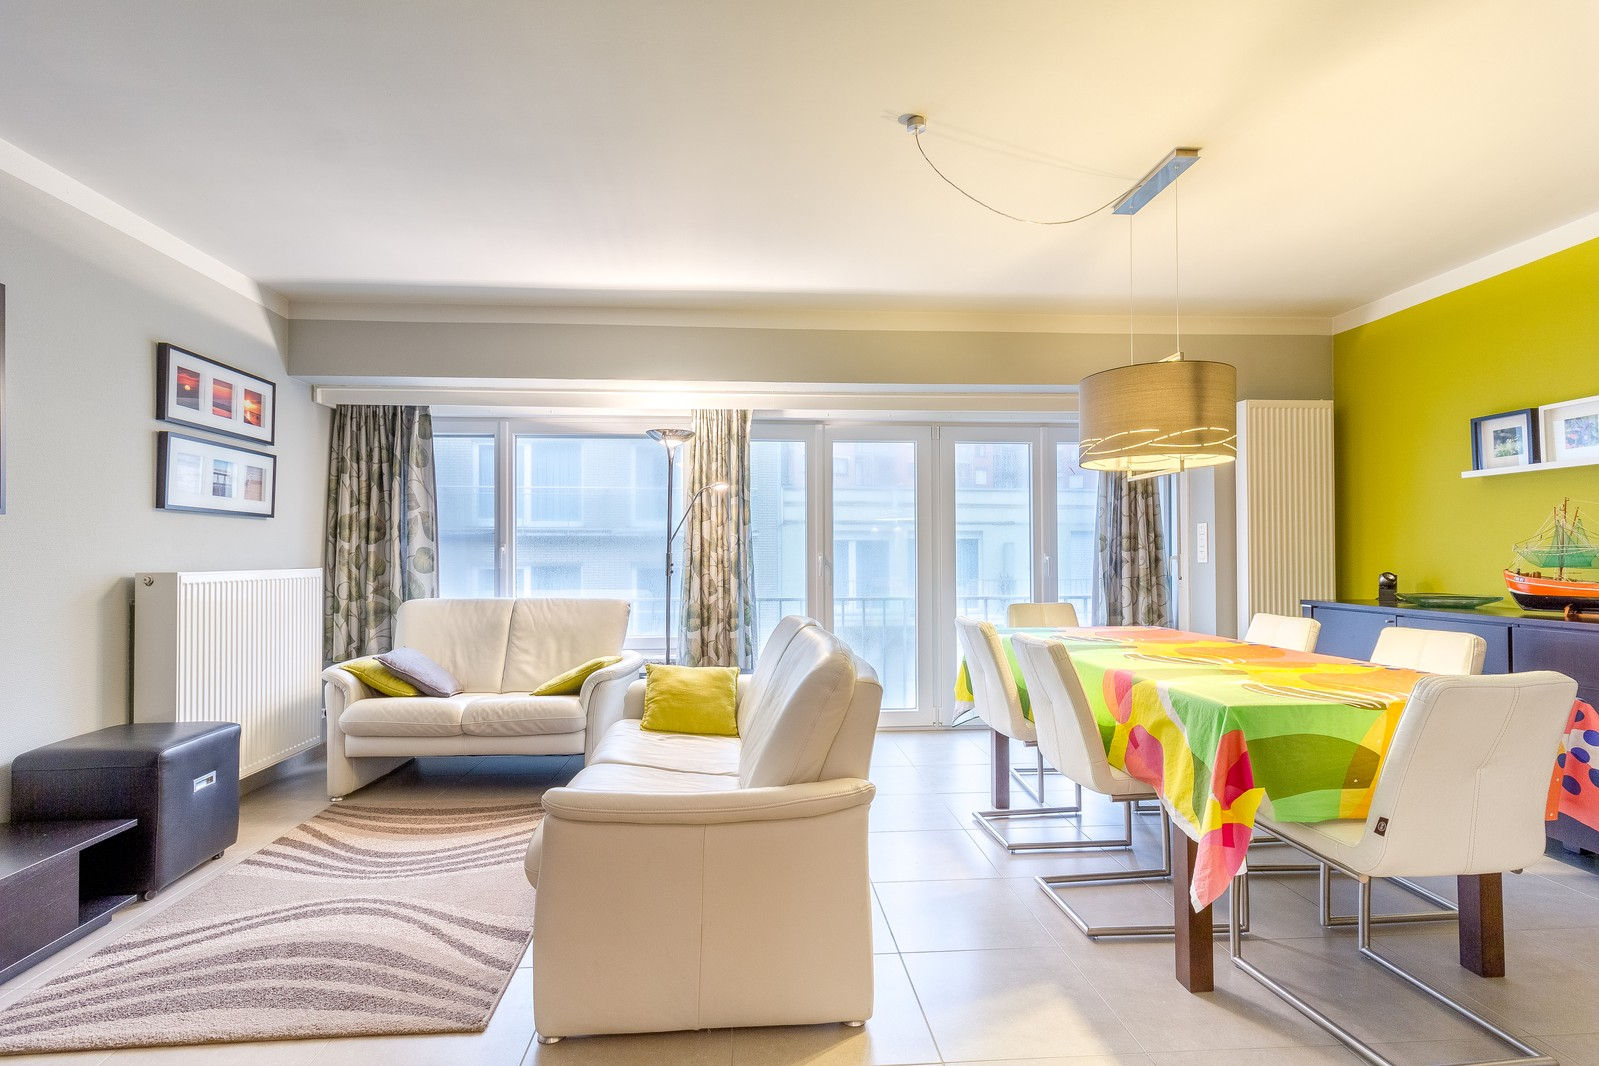 Gerenoveerd 3-kamer appartement op een zucht van het strand